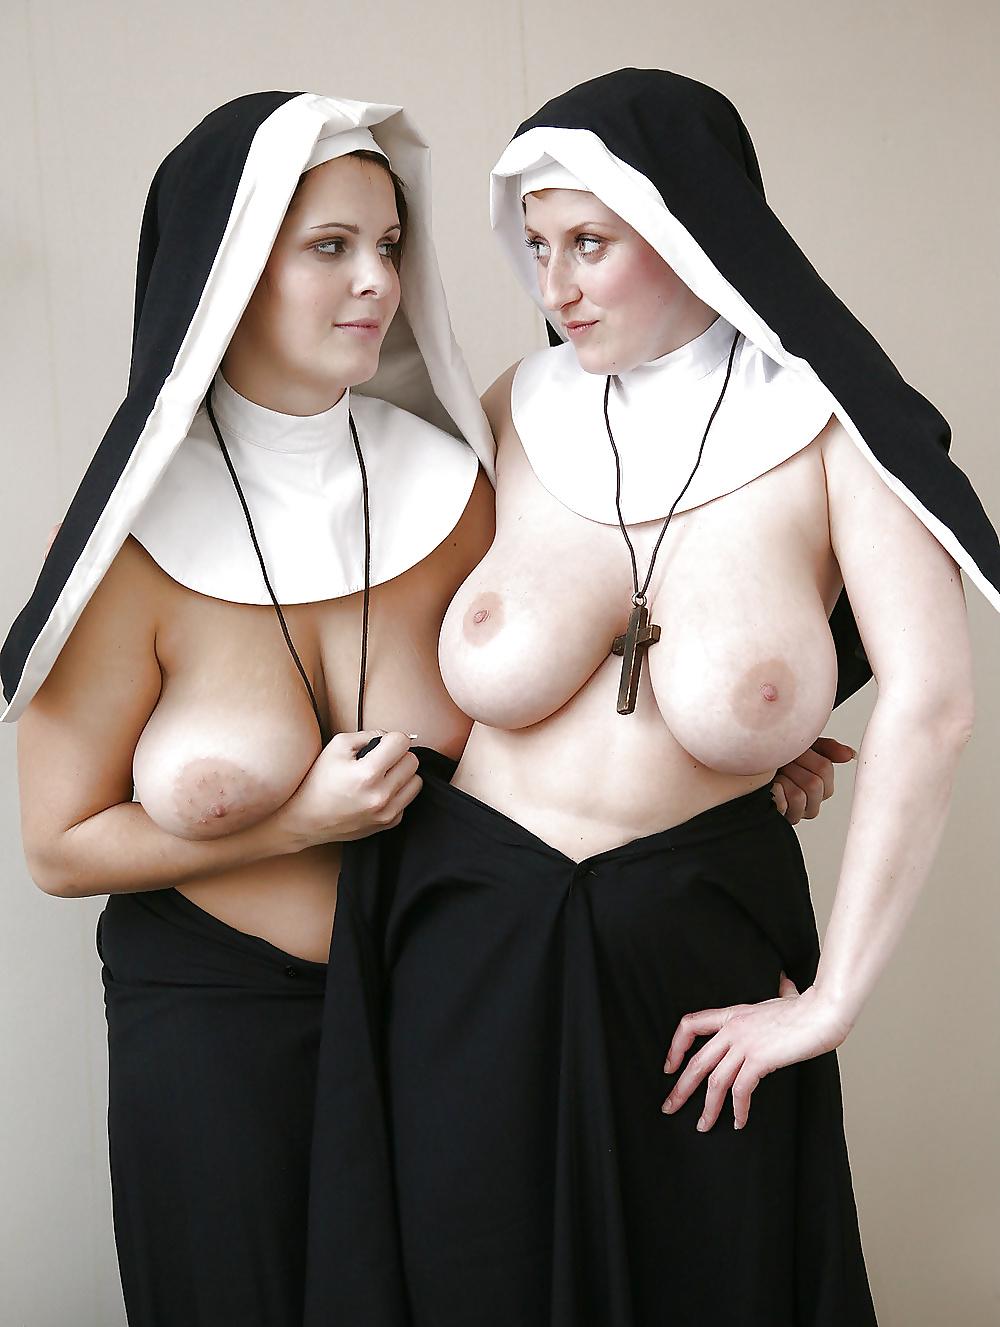 Nicolleta axin big tits nun tnaflix porn pics